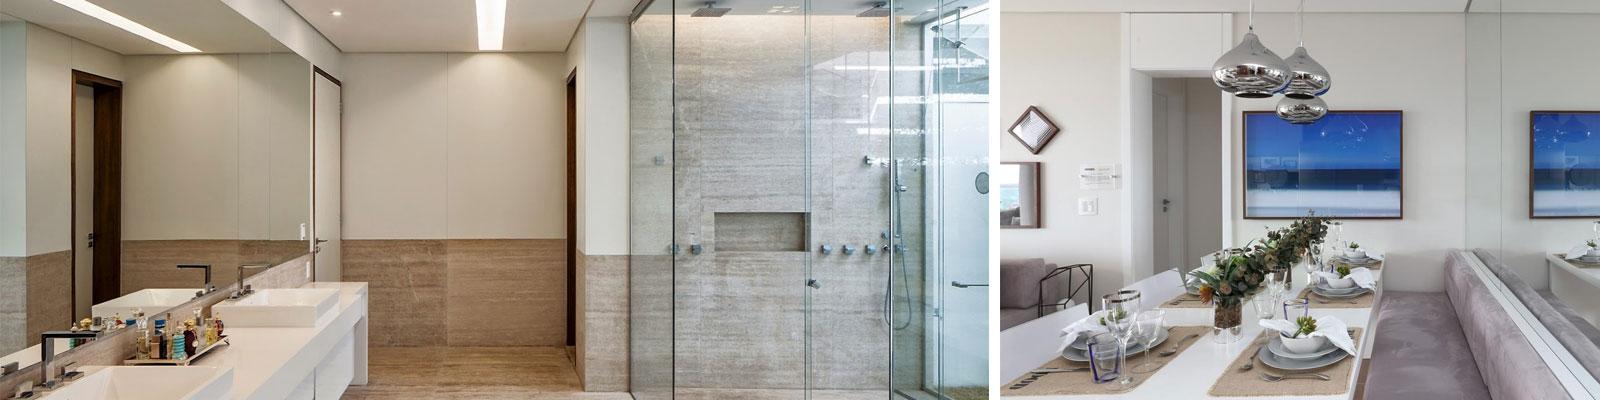 box-banheiros-espelhos